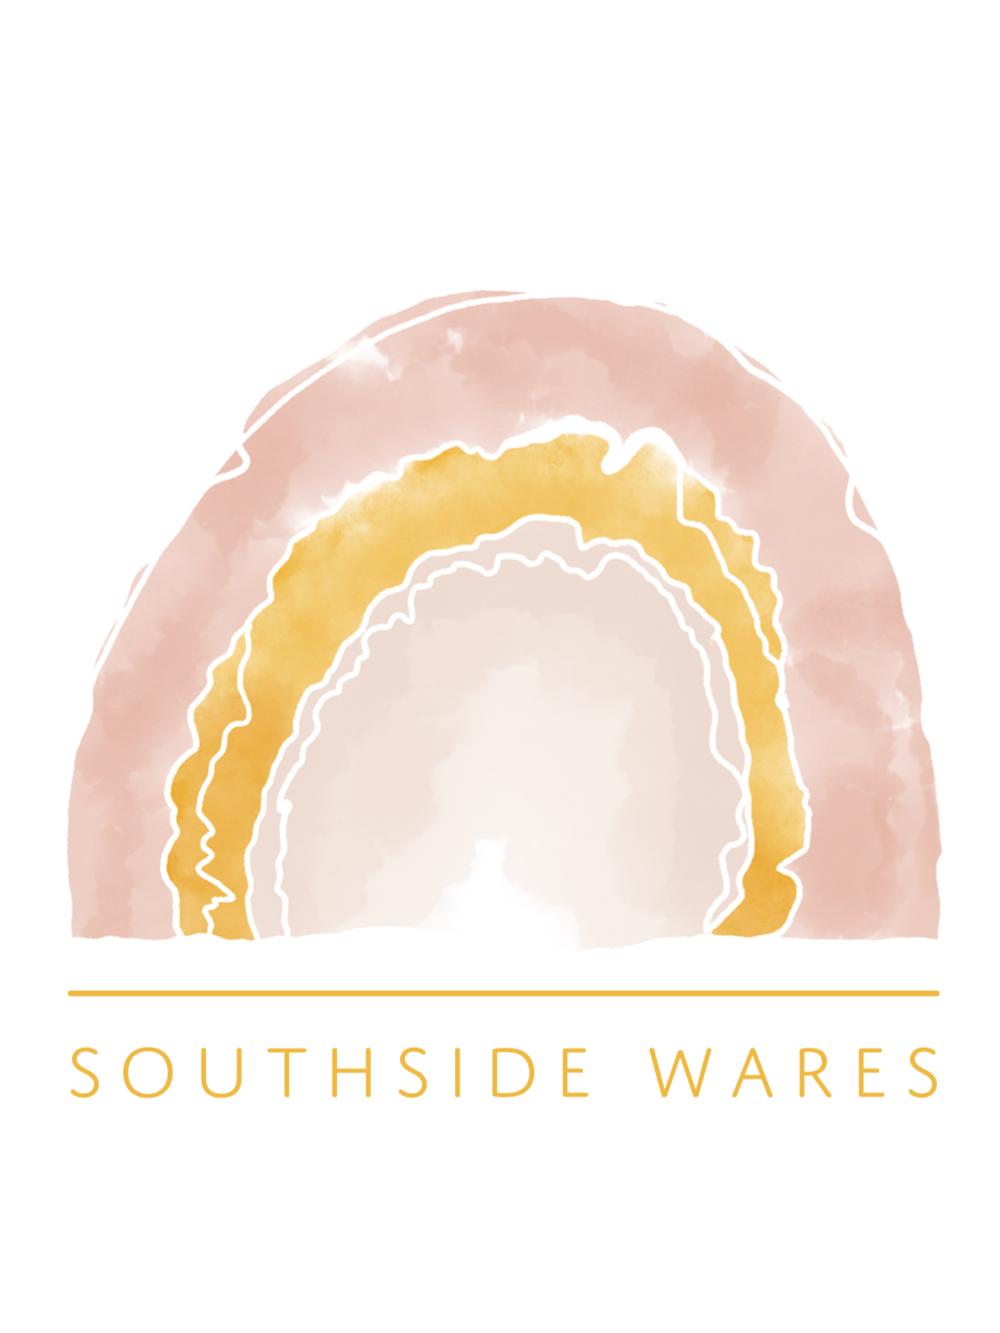 Studio FIG for SouthsideWares  |  Option2